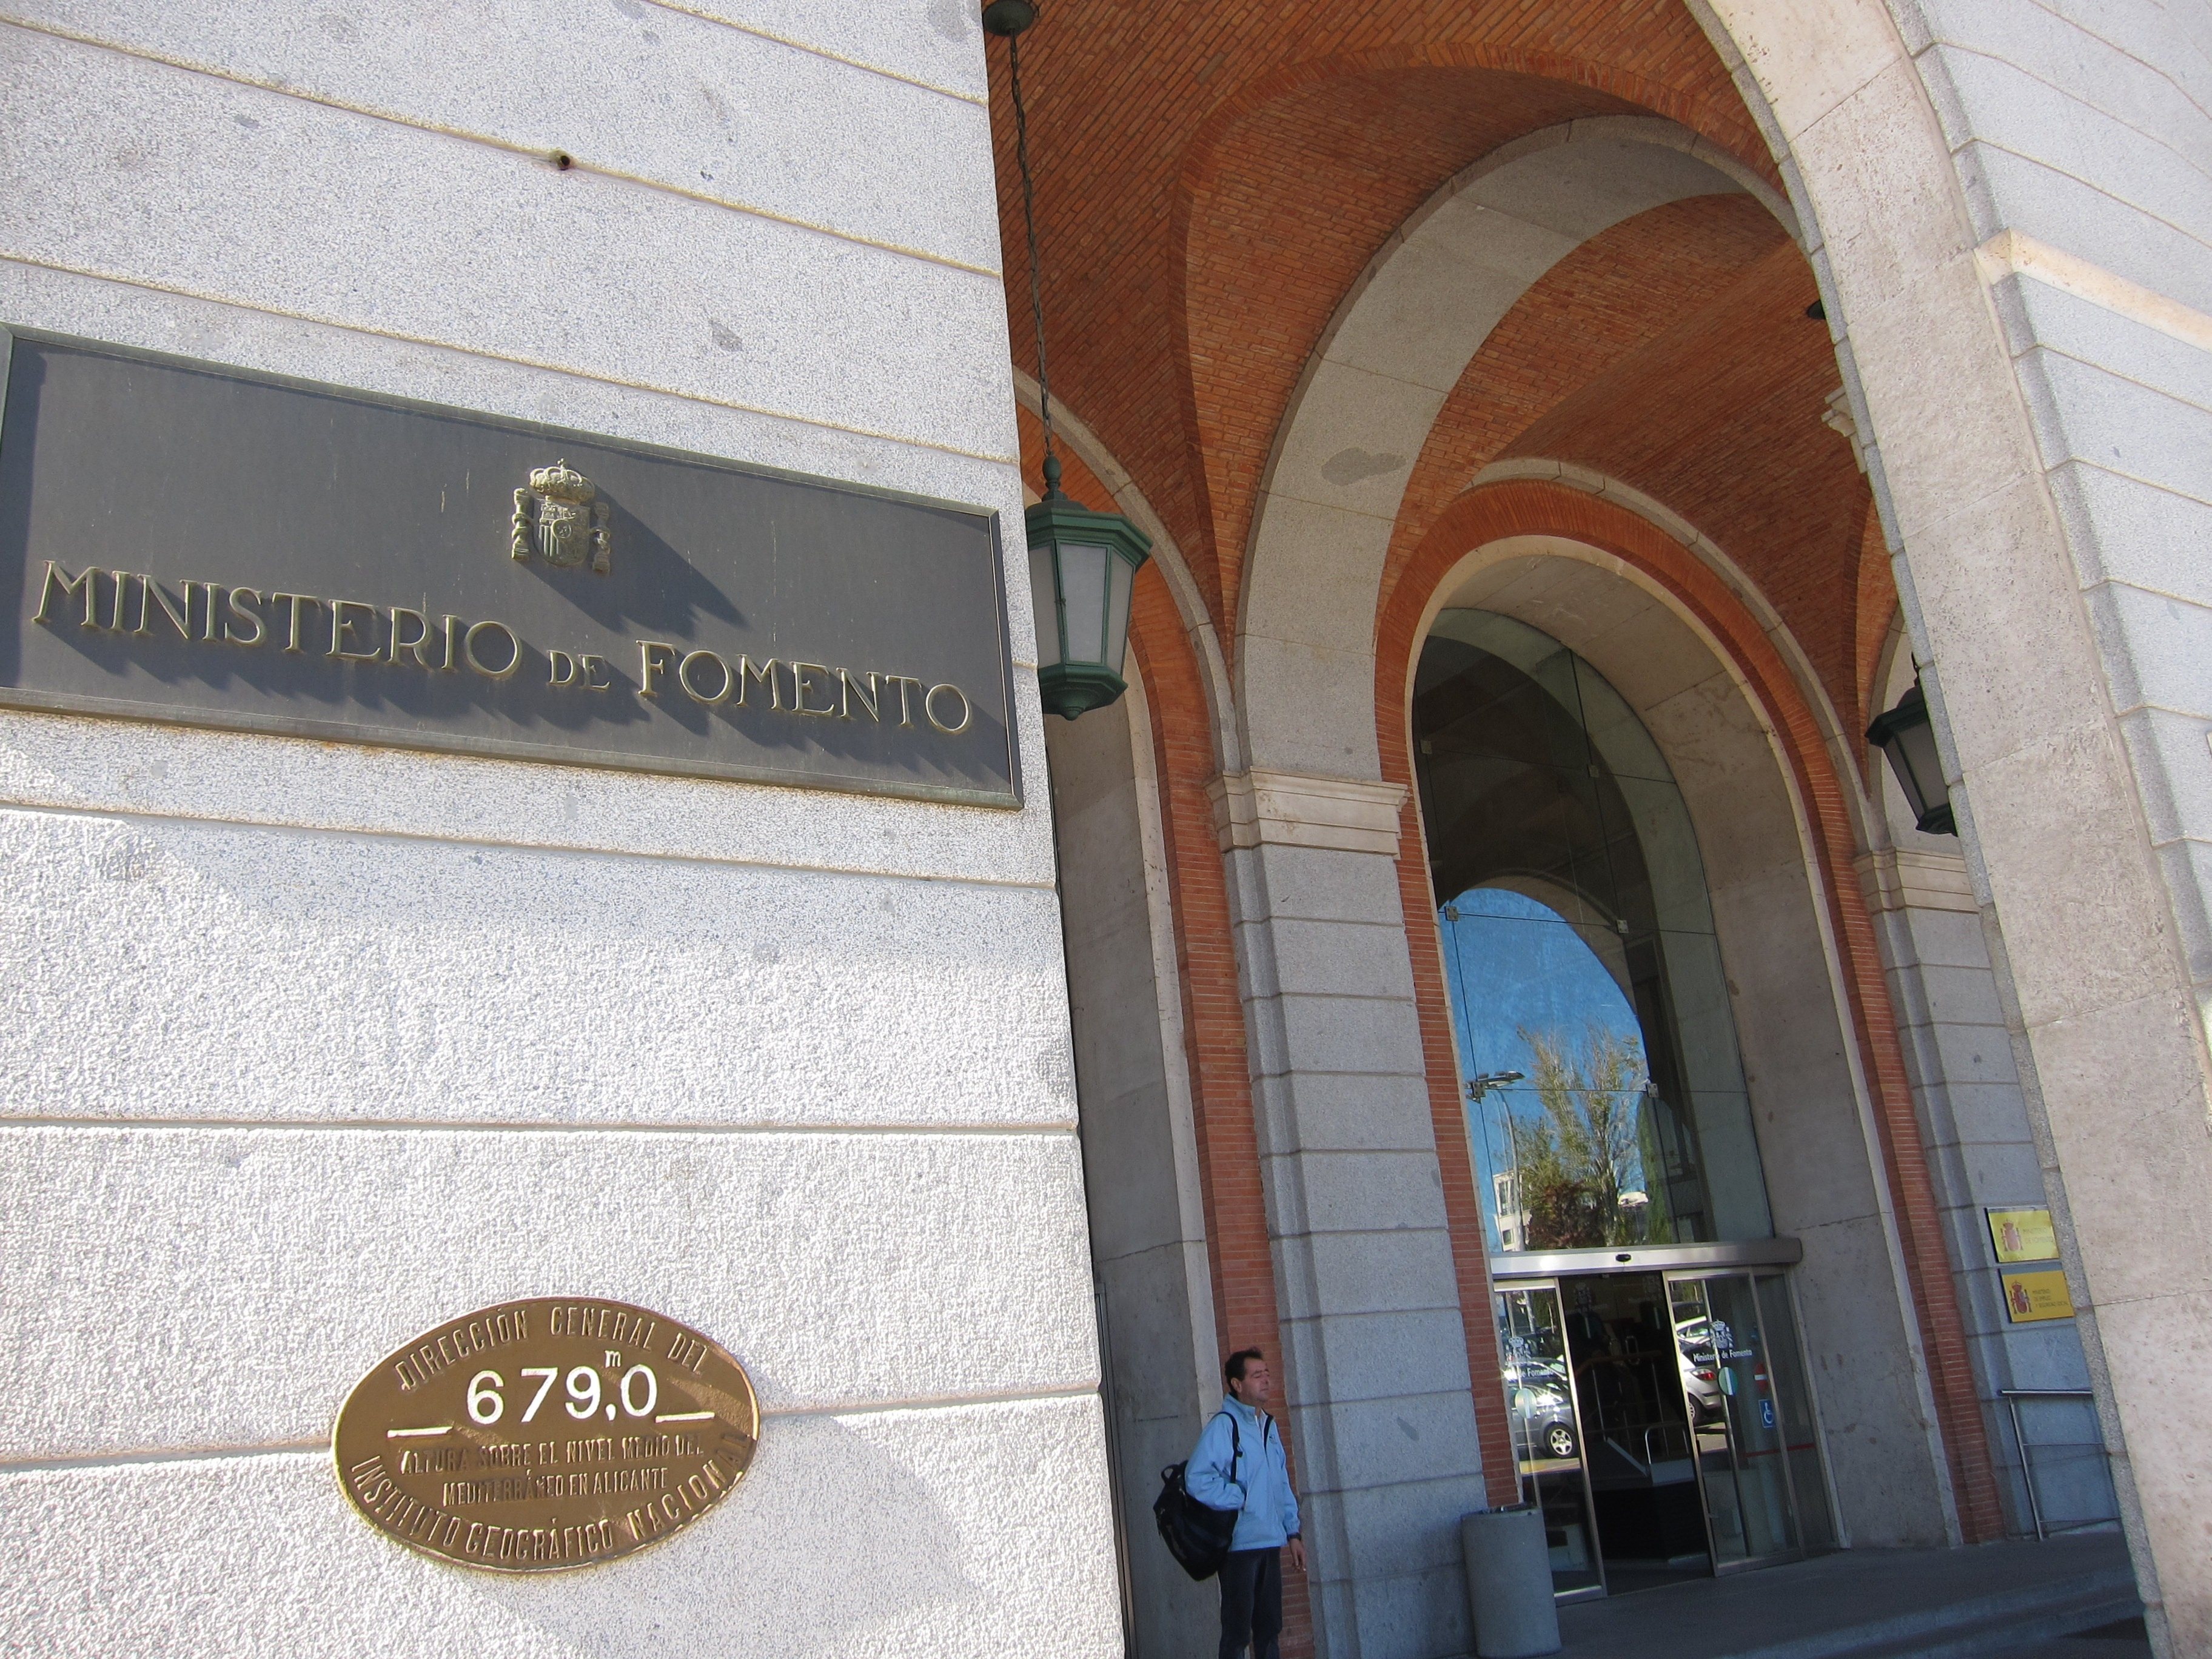 Fomento ahorró 360 millones de euros el pasado año con «recorte de gastos superfluos»